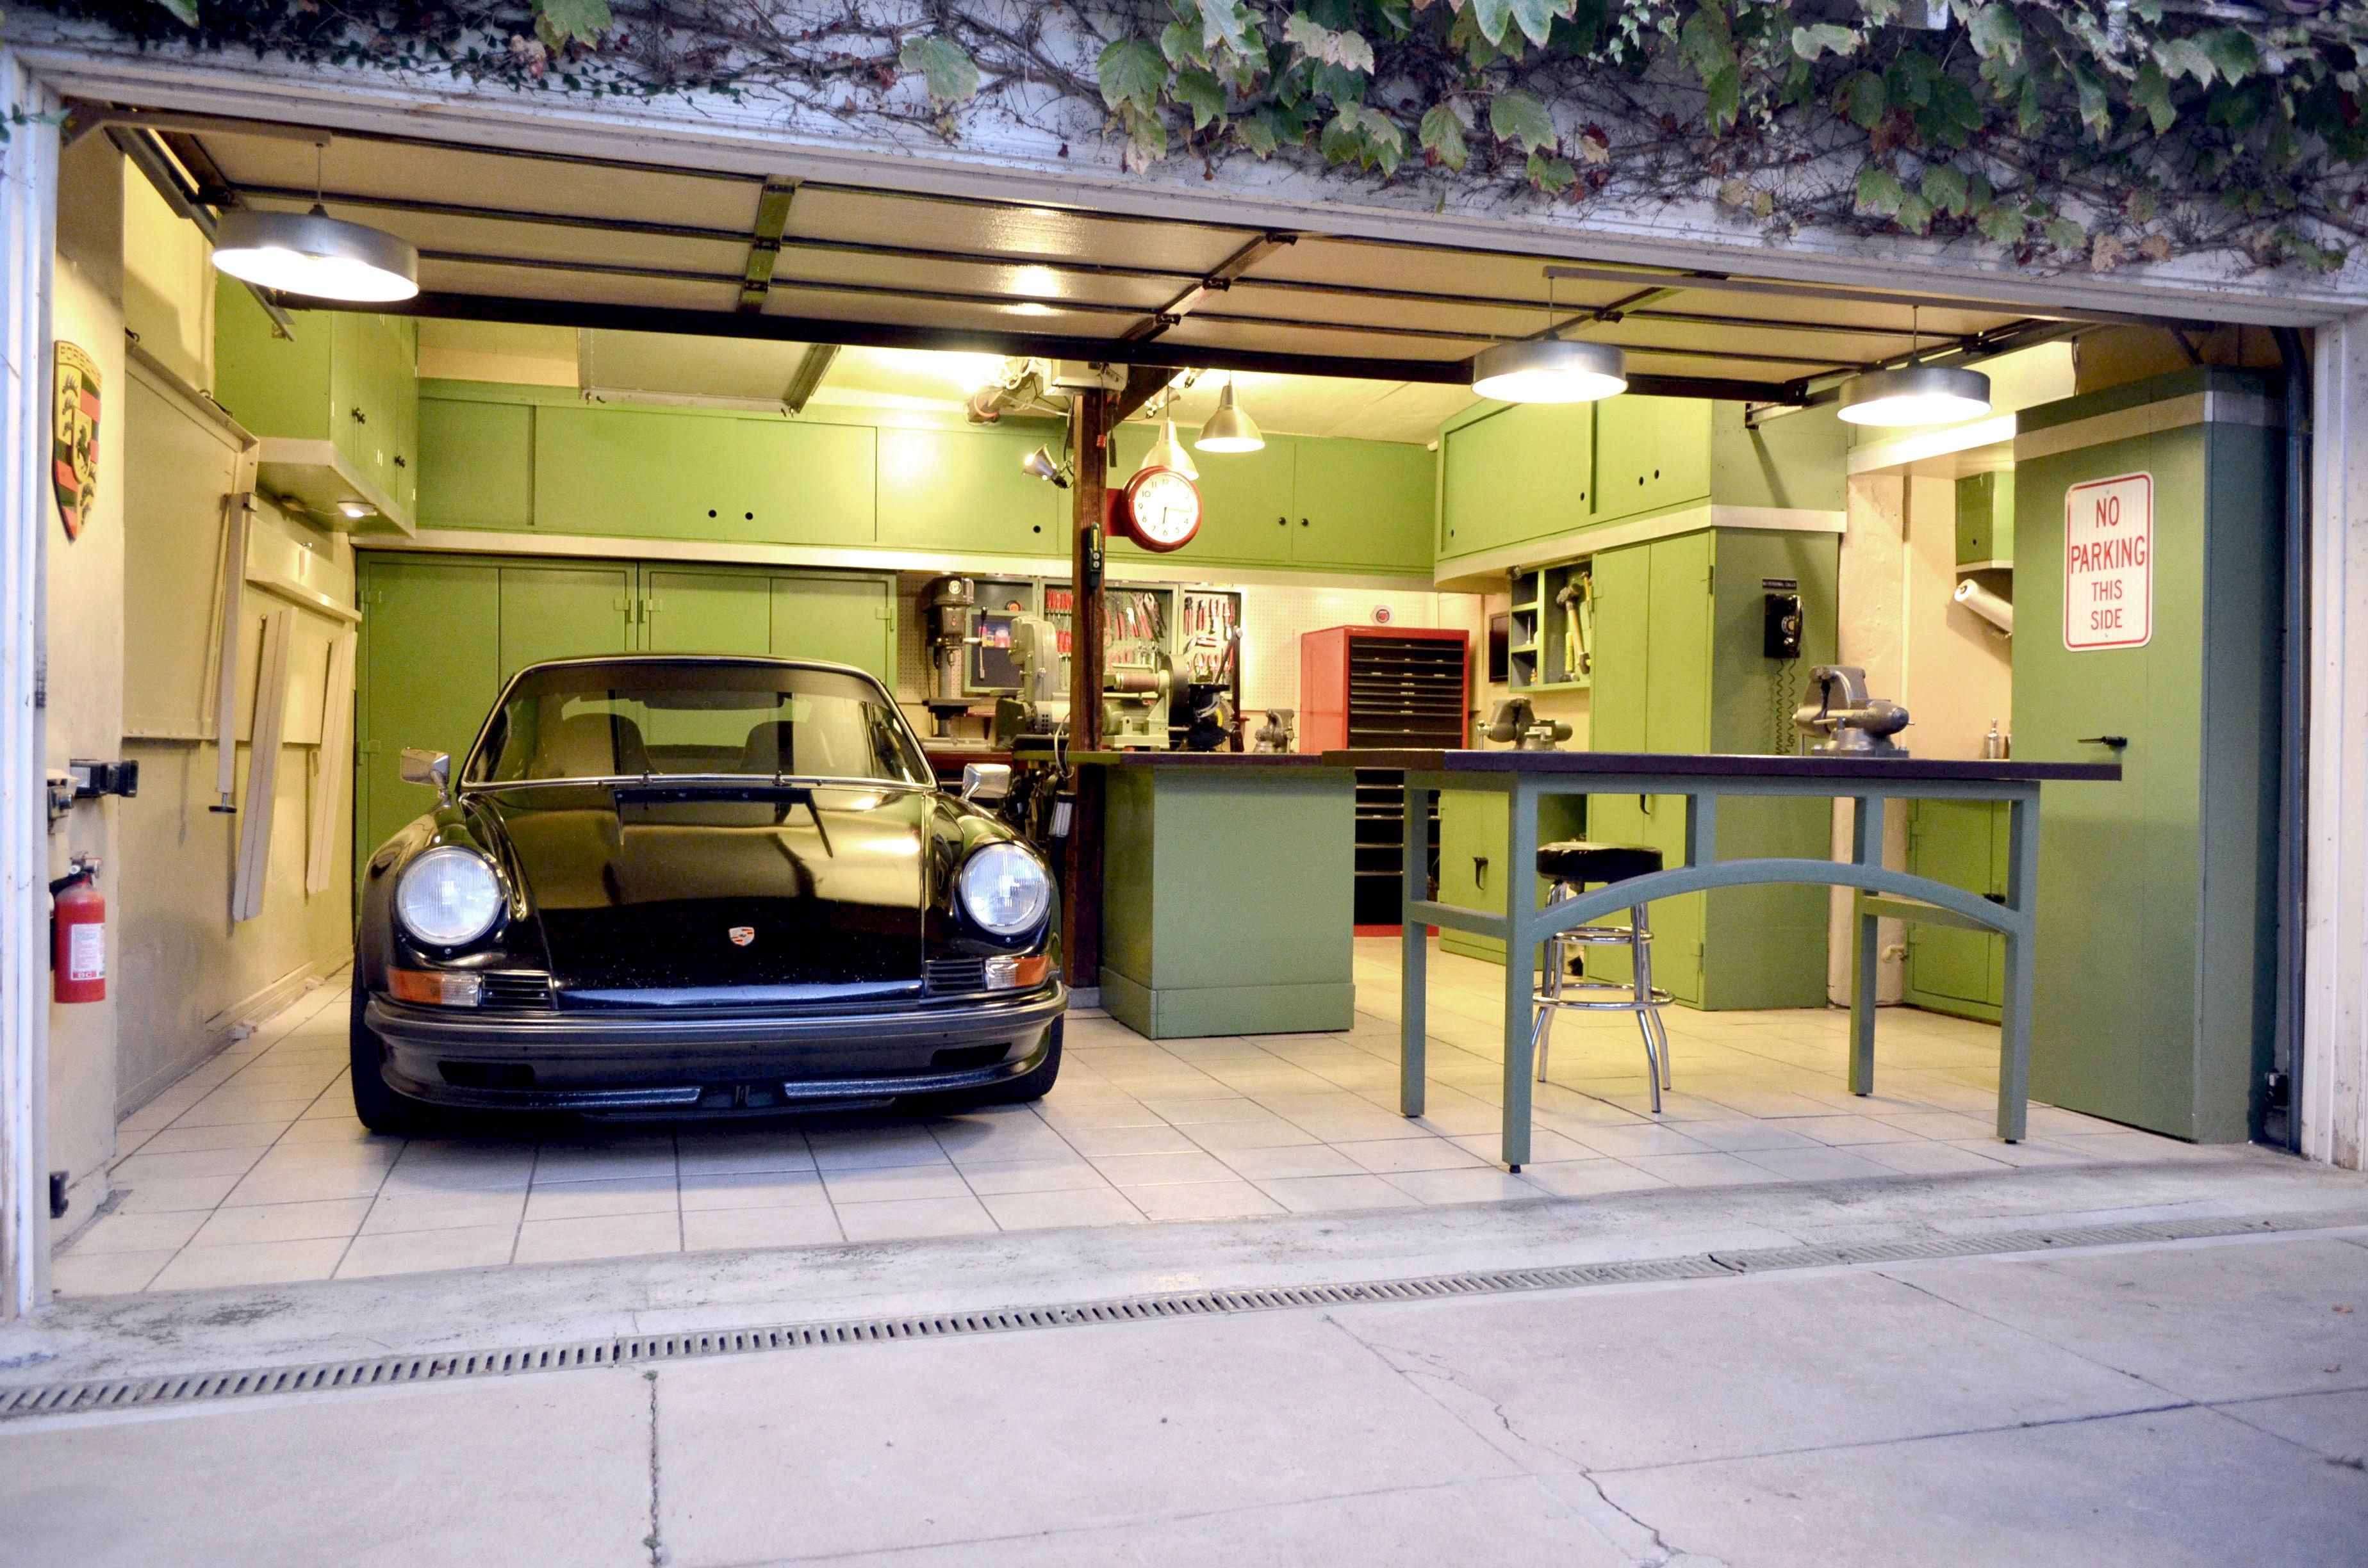 dream garage life. Black Bedroom Furniture Sets. Home Design Ideas